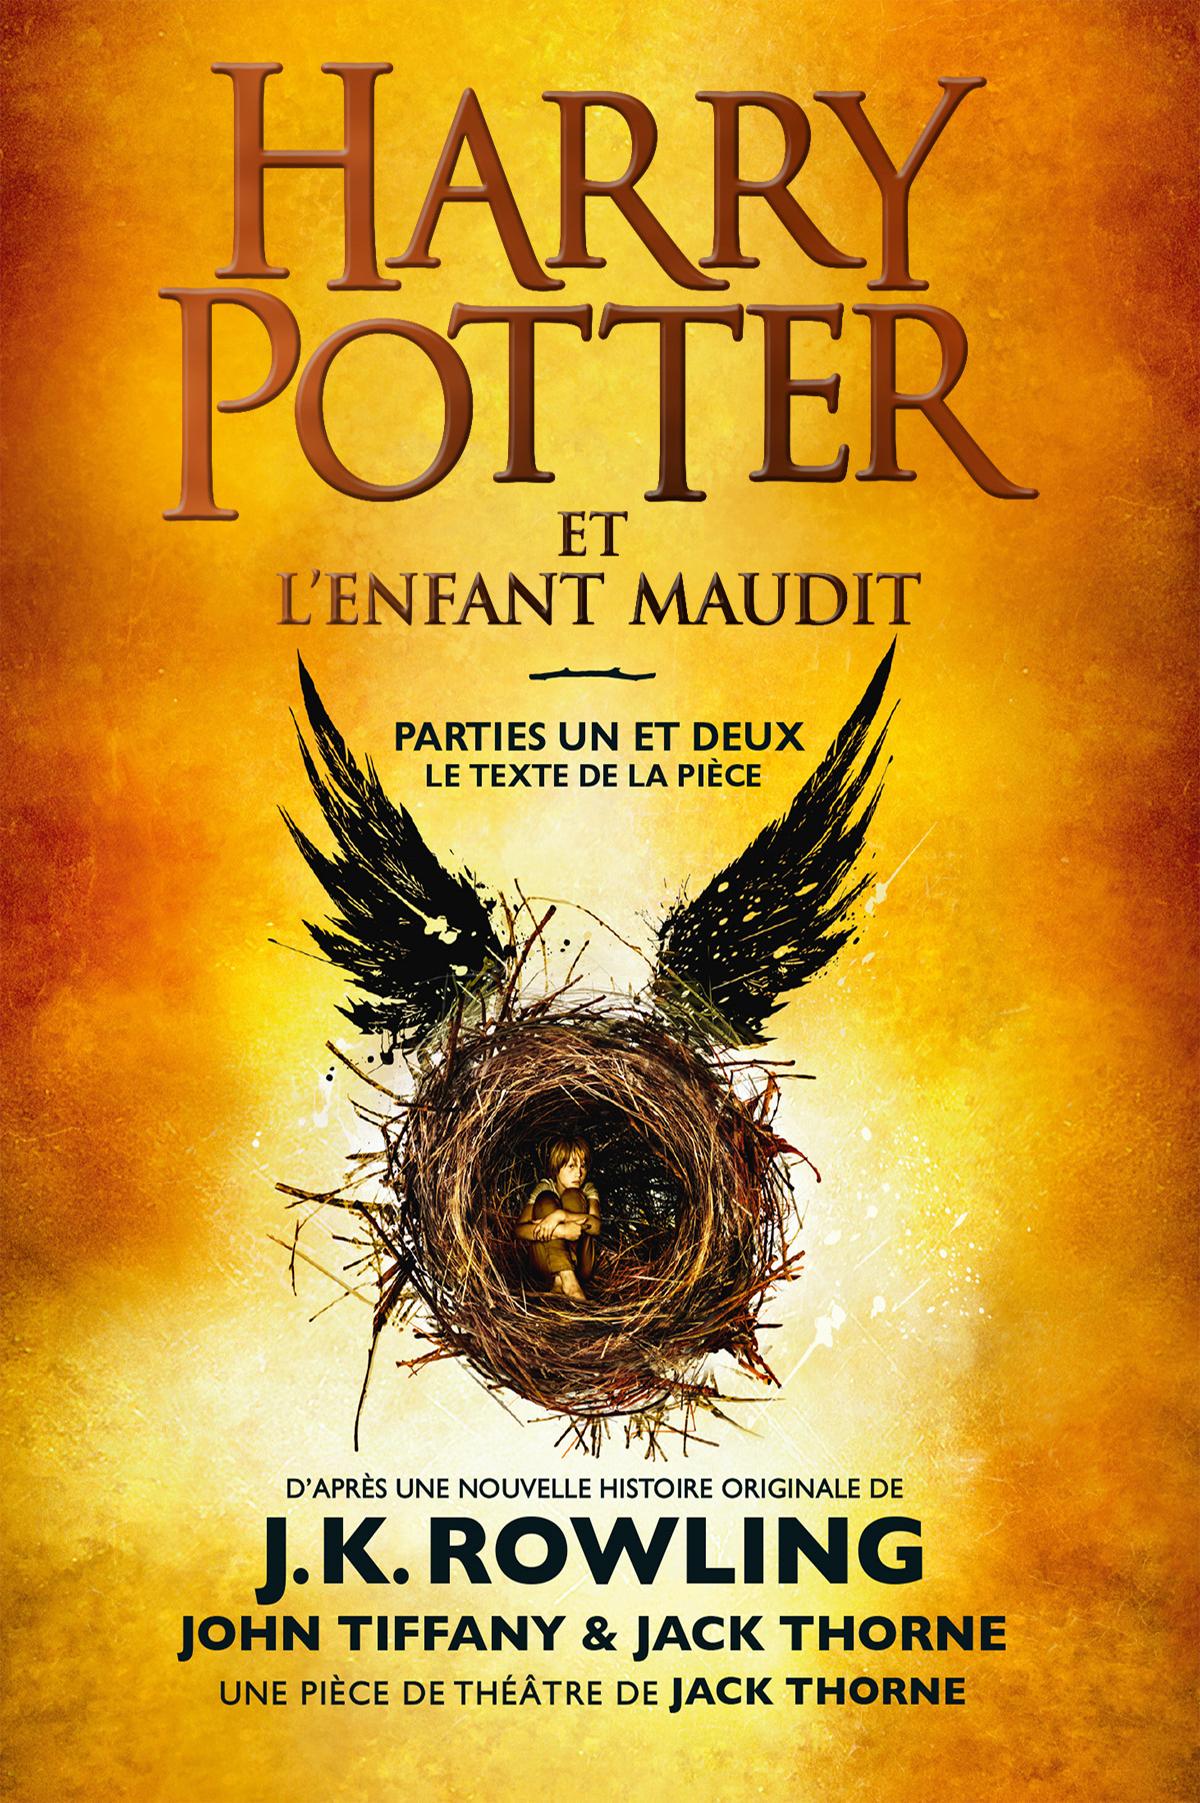 Harry Potter et l'Enfant Maudit - Parties Un et Deux | Rowling, J.K.